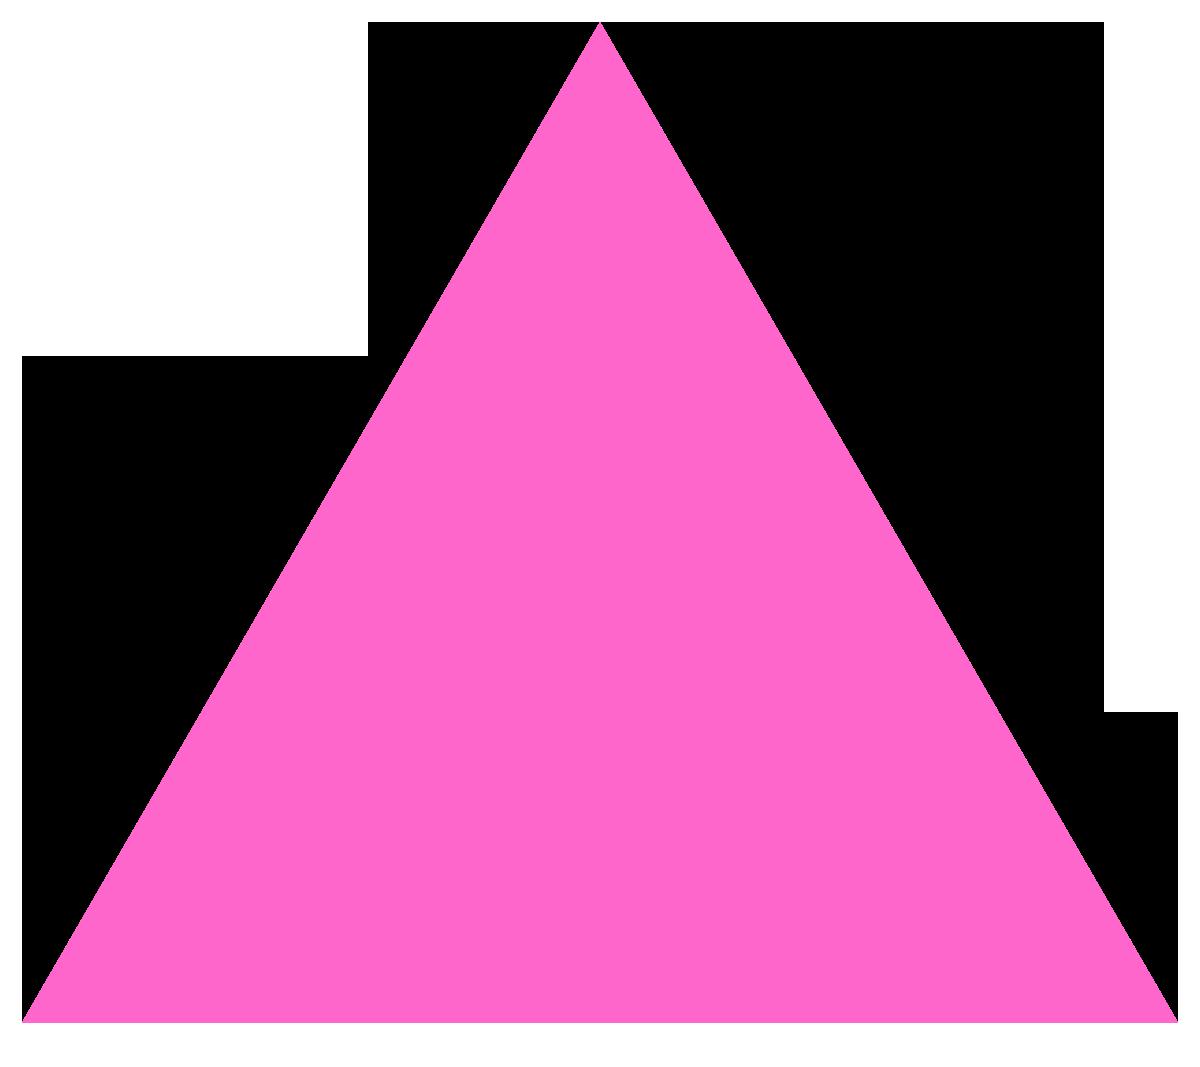 Triangrid